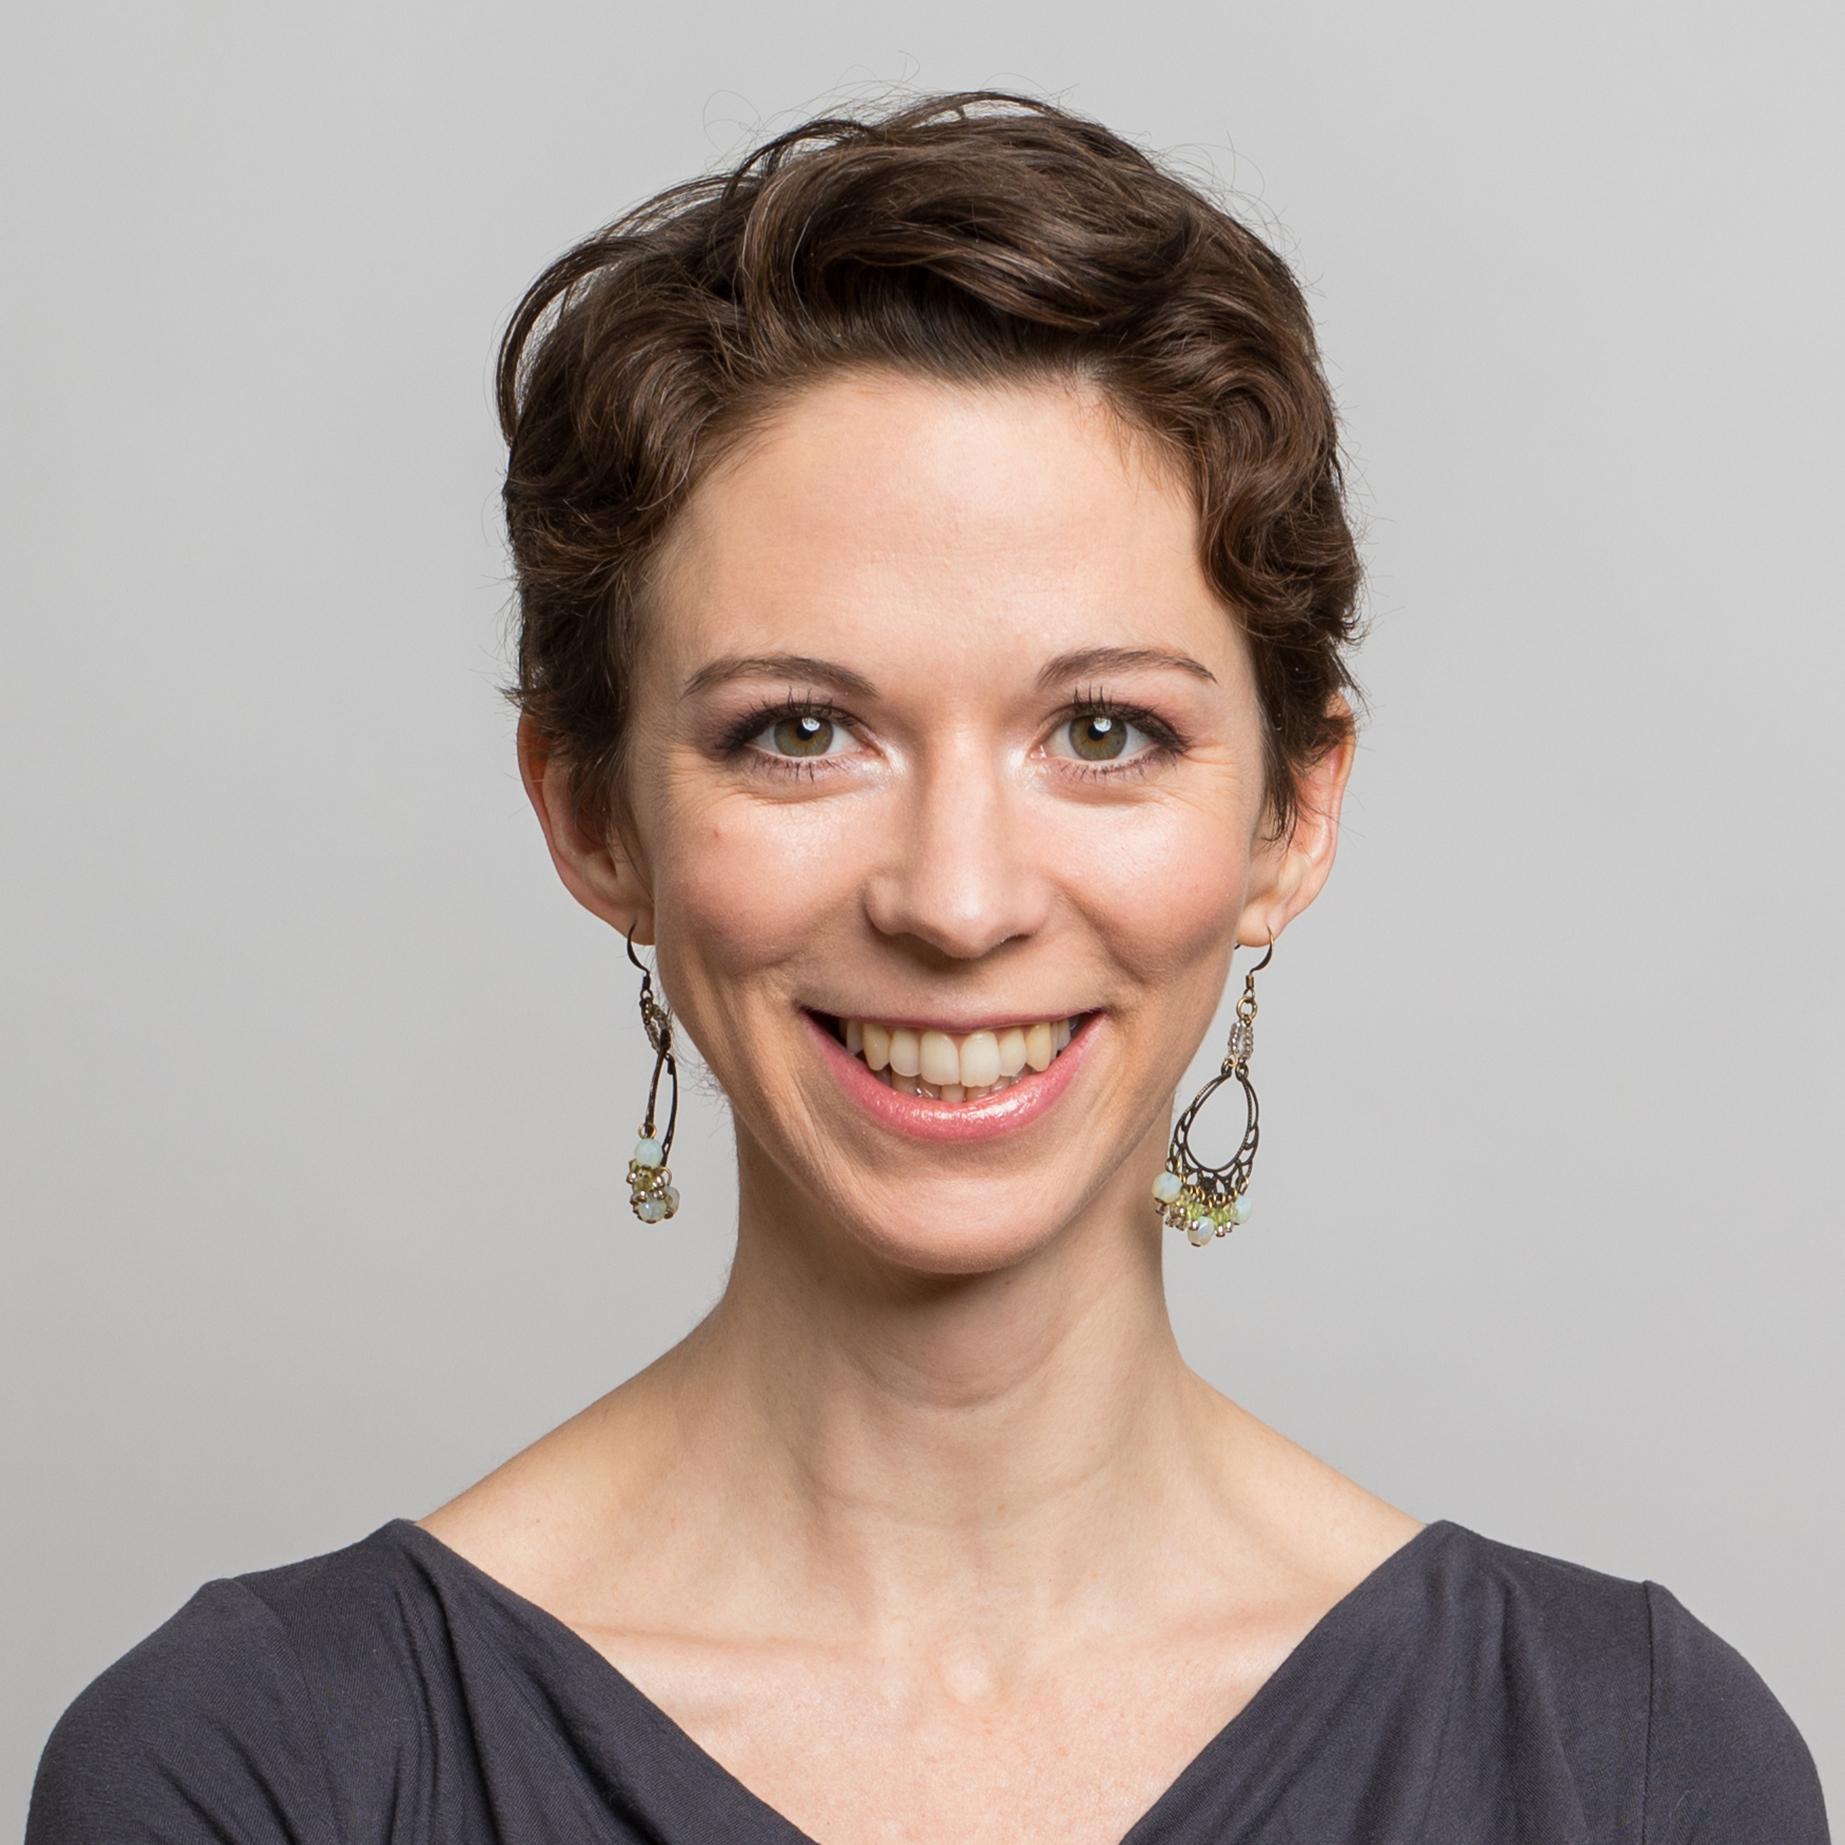 Nathalie Aubourg